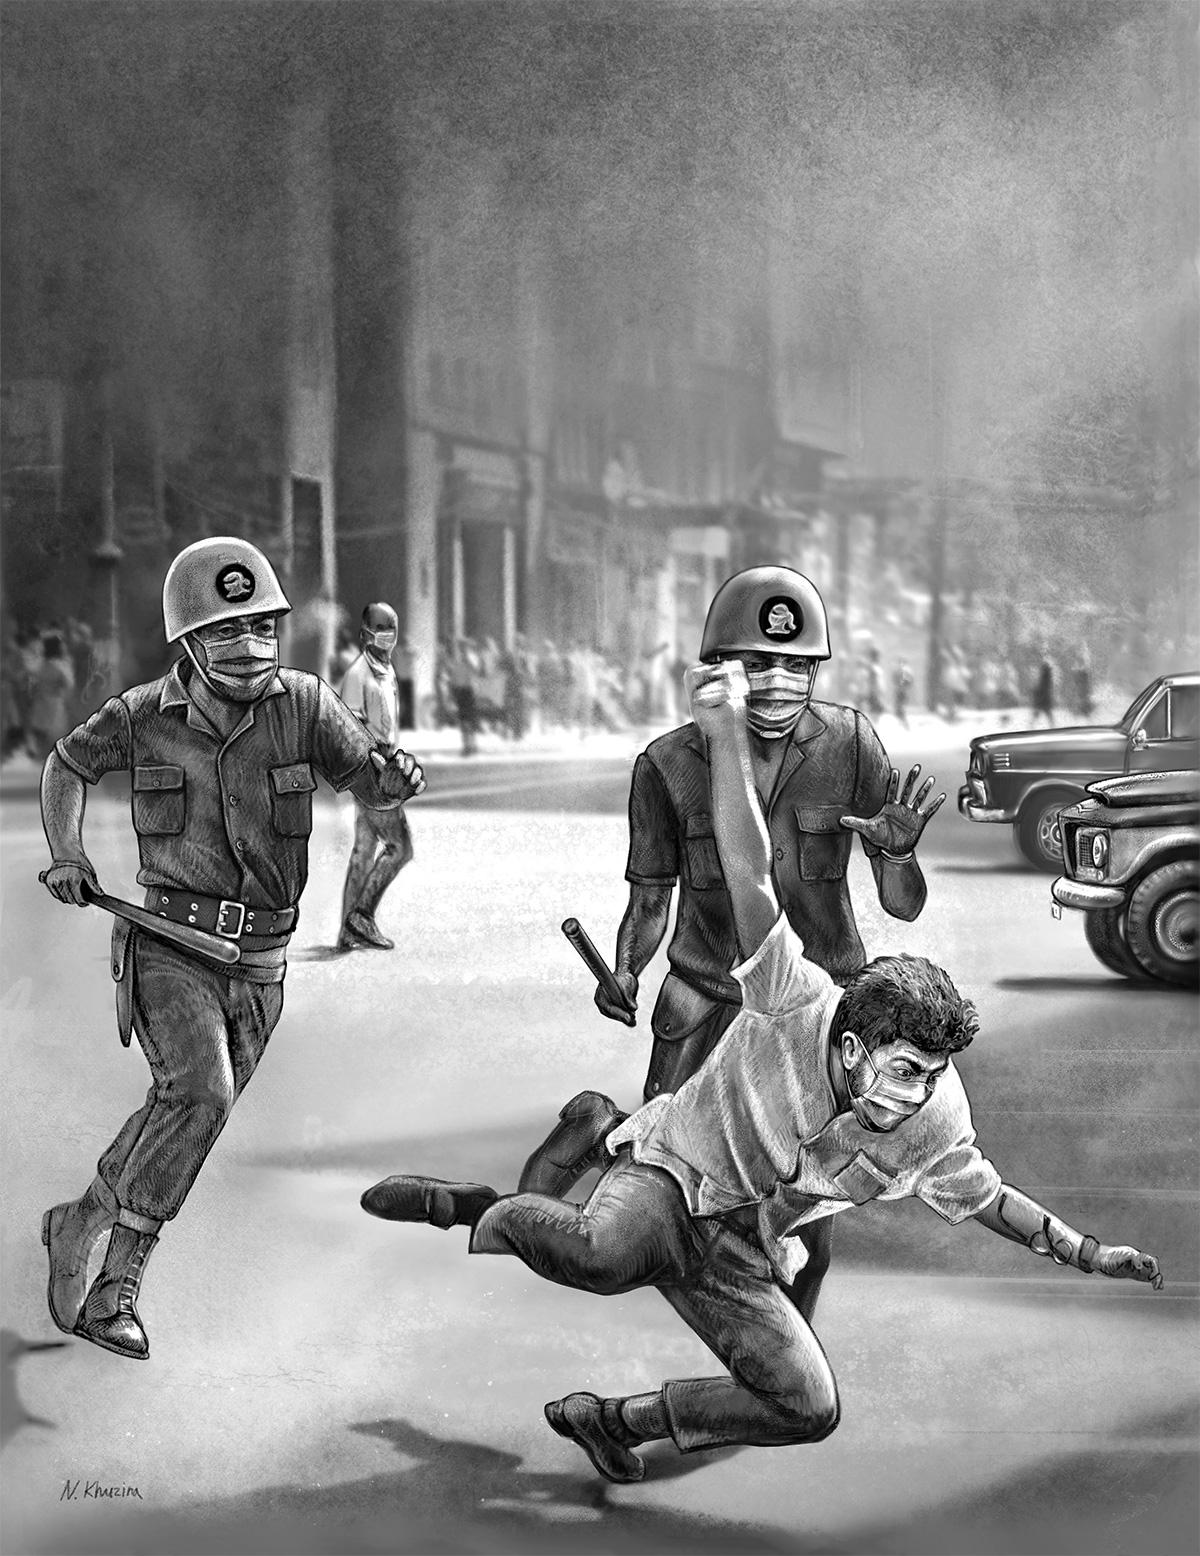 A pancadaria de 1968, numa imagem clássica dos tempos de chumbo, agora atualizada: a eleição de Bolsonaro é um revés histórico comparável ao golpe que instaurou a ditadura militar